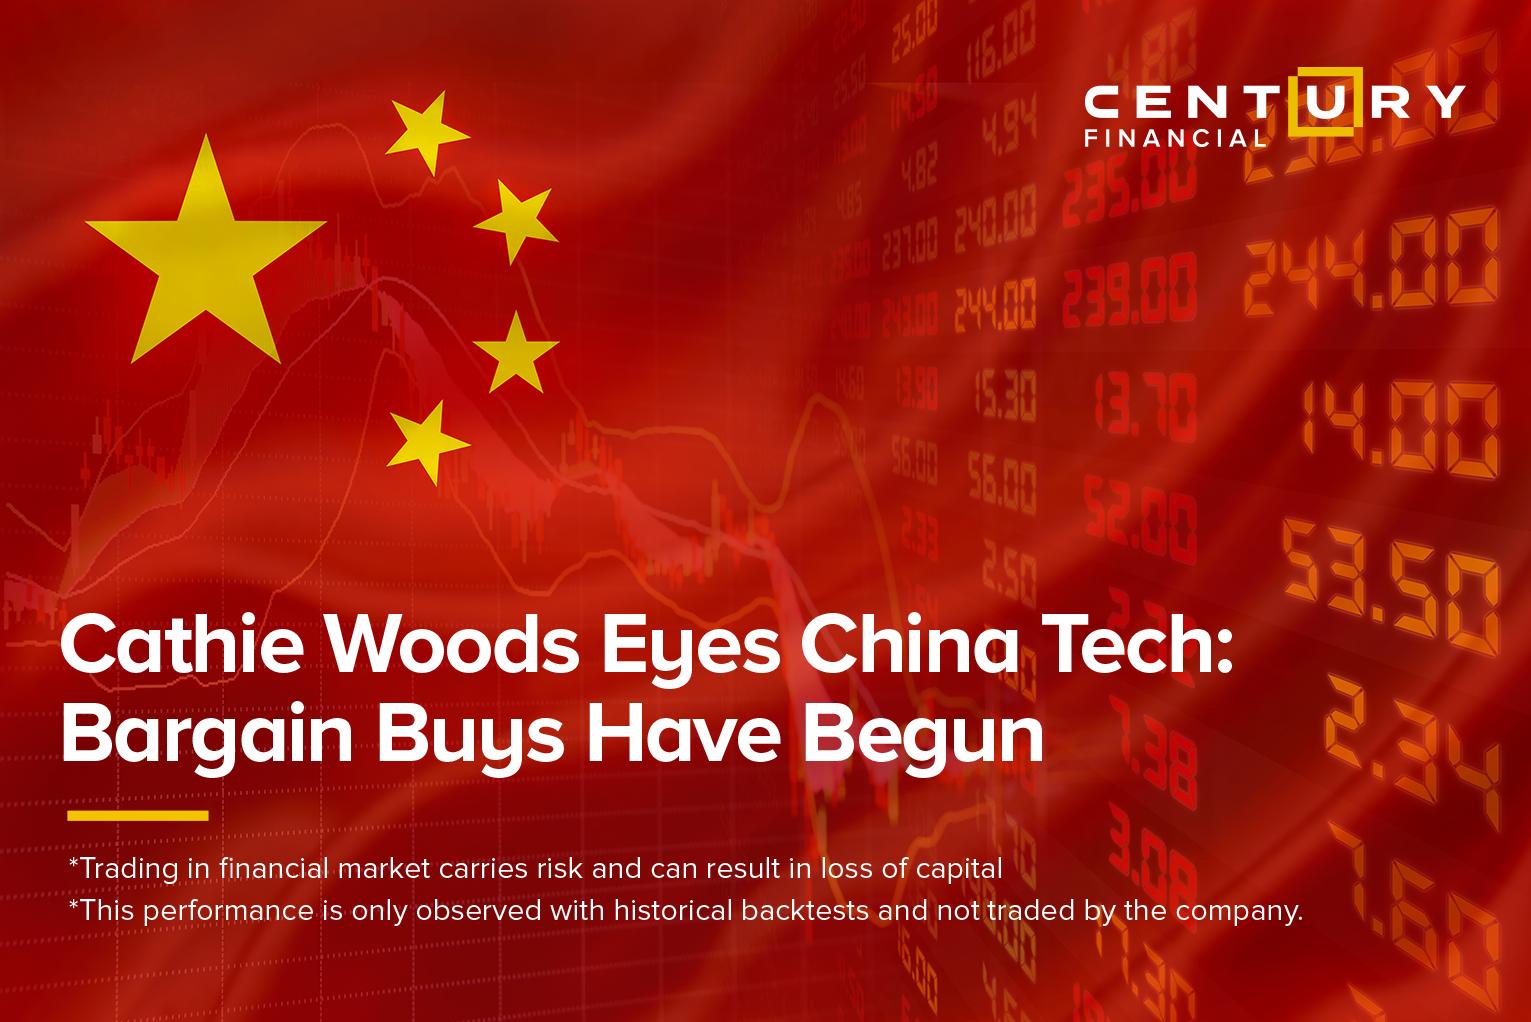 أنظار كاثي ودز على أسهم الشركات الصينية: فرص...